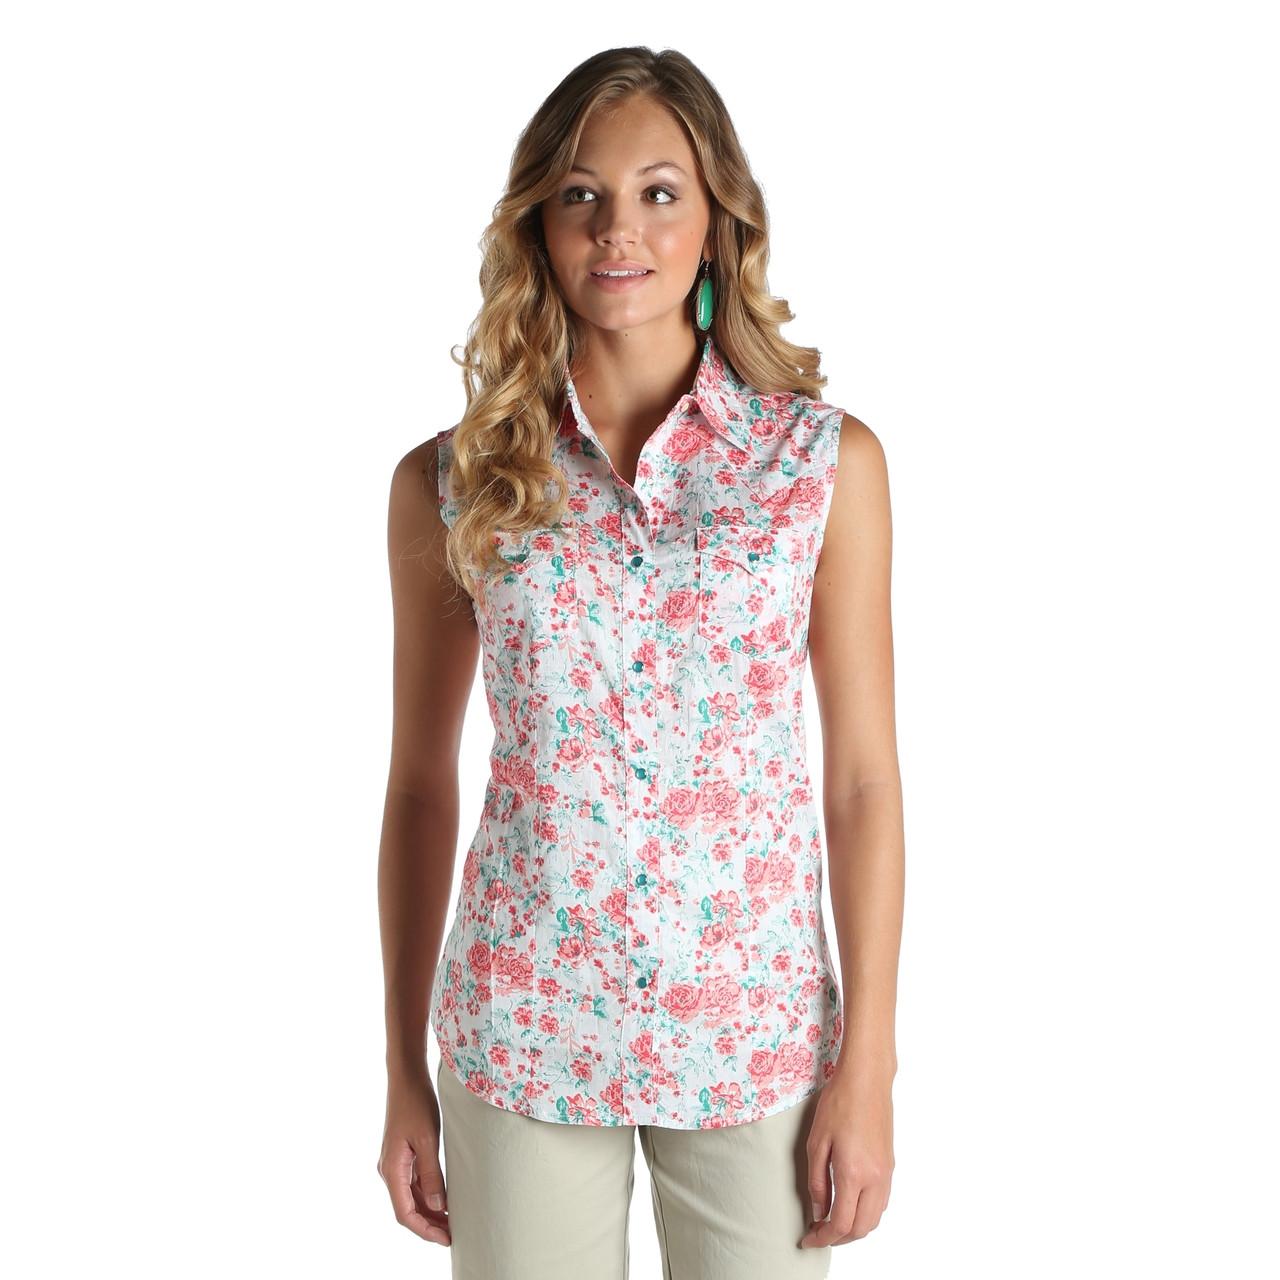 74272d68 Women's Wrangler Floral Print Sleeveless Shirt - Herbert's Boots and ...